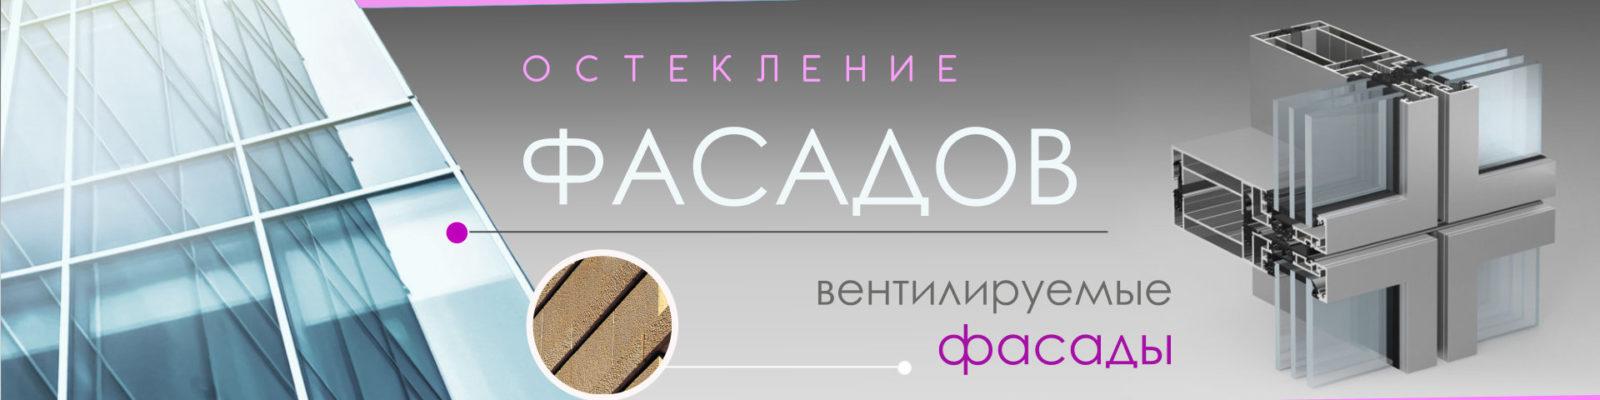 Фасадное остекление в Крыму